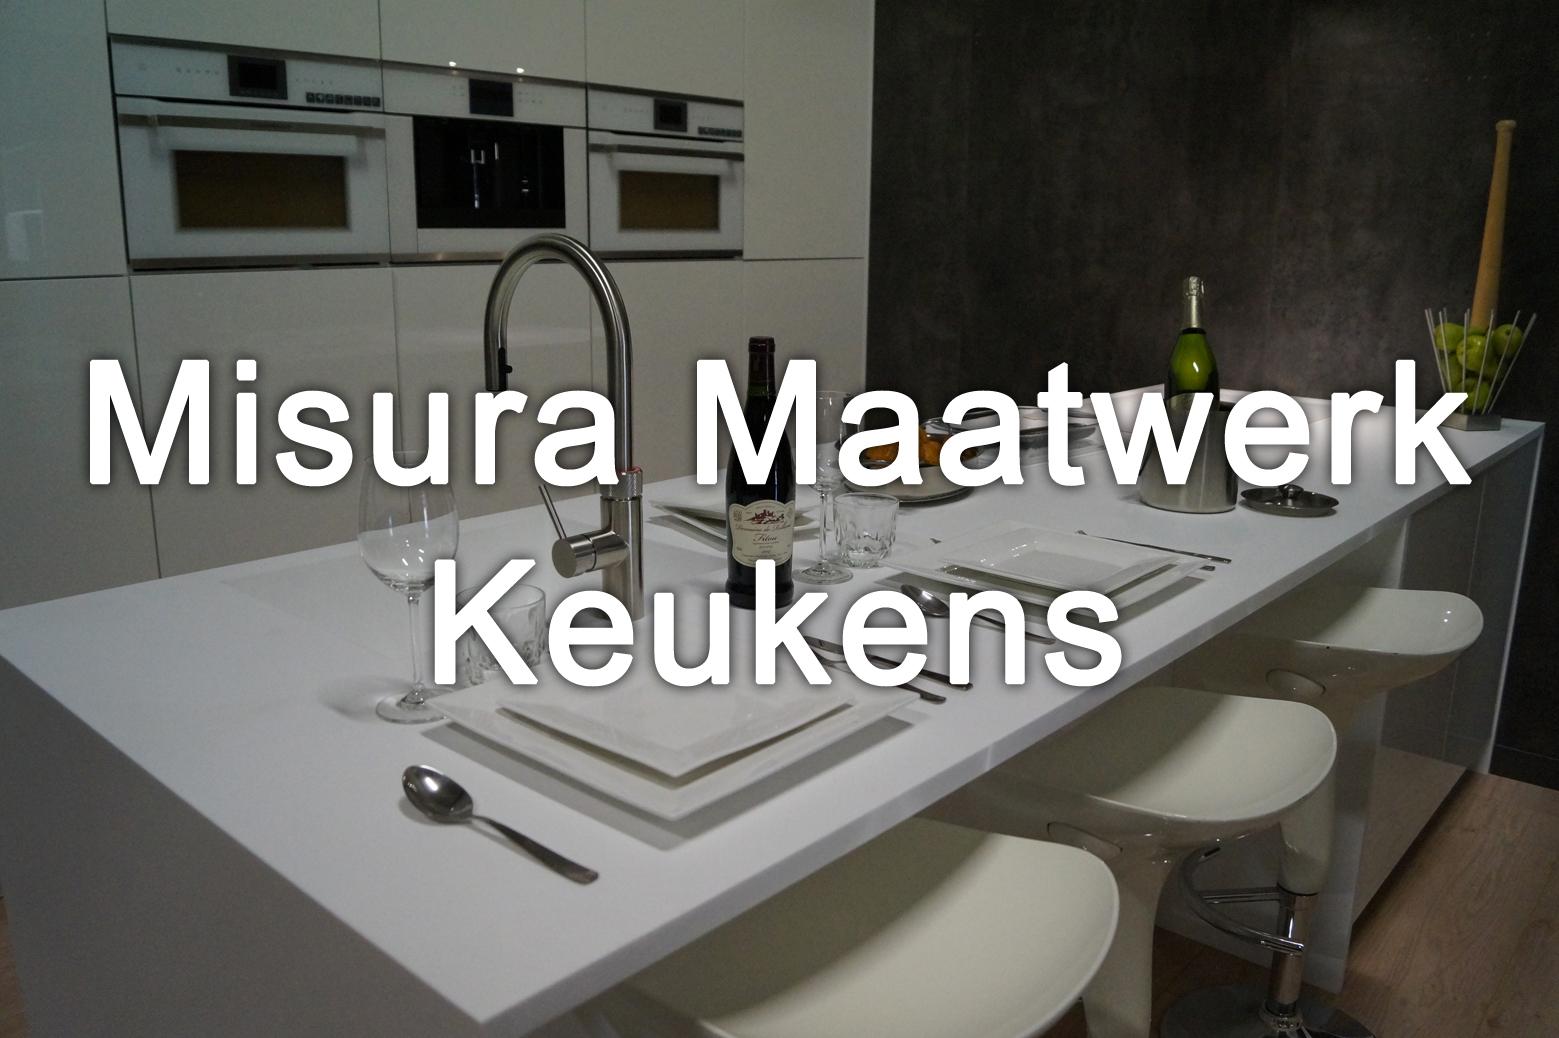 Misura Maatwerk keukens